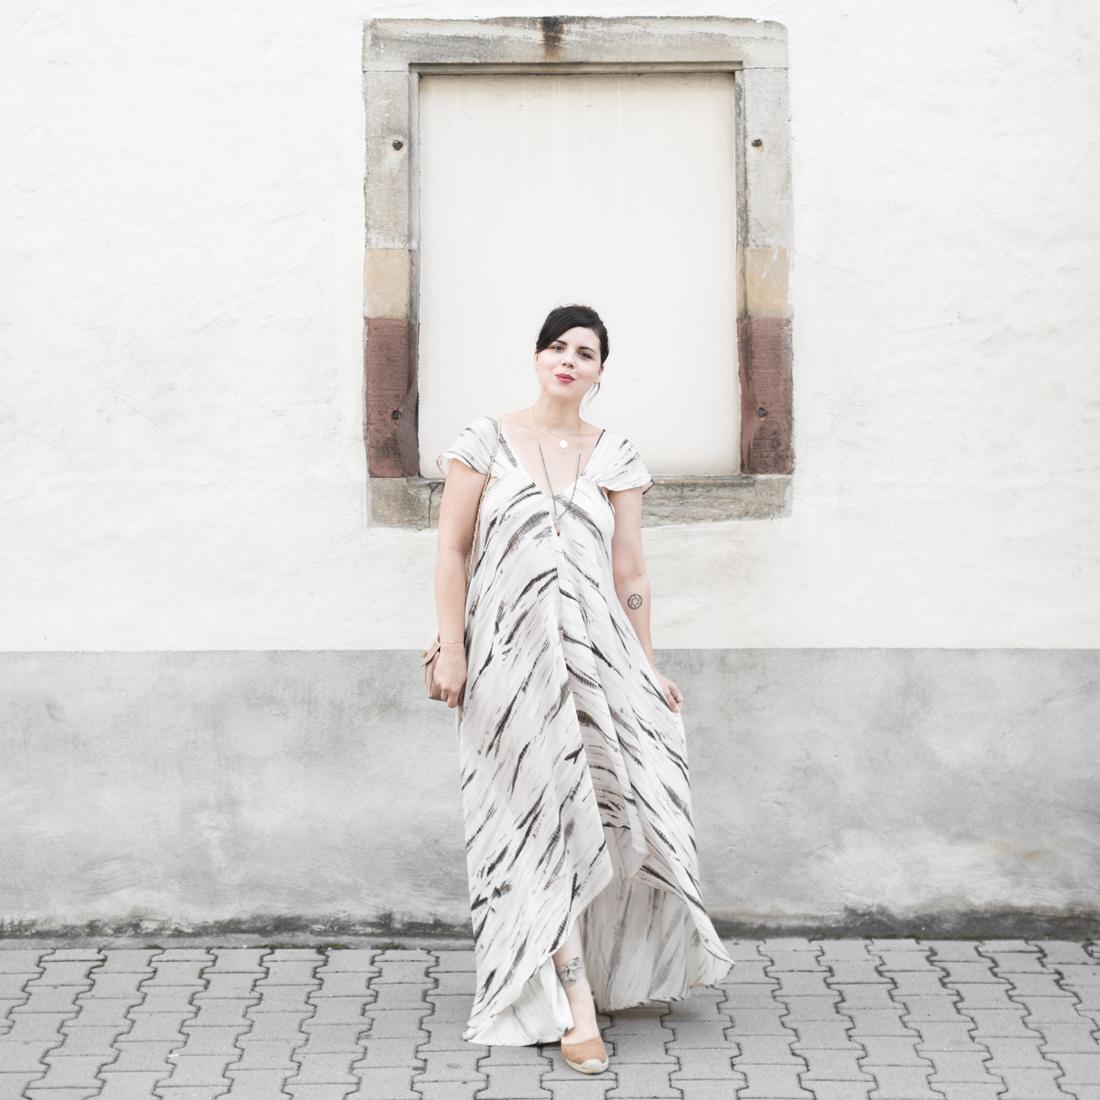 1100 robe louizon collier Elise Tsikis sac espadrilles sezane credit Pauline paulinefashionblog.com 6 Robe Tie & Dye, espadrilles et errances capillaires